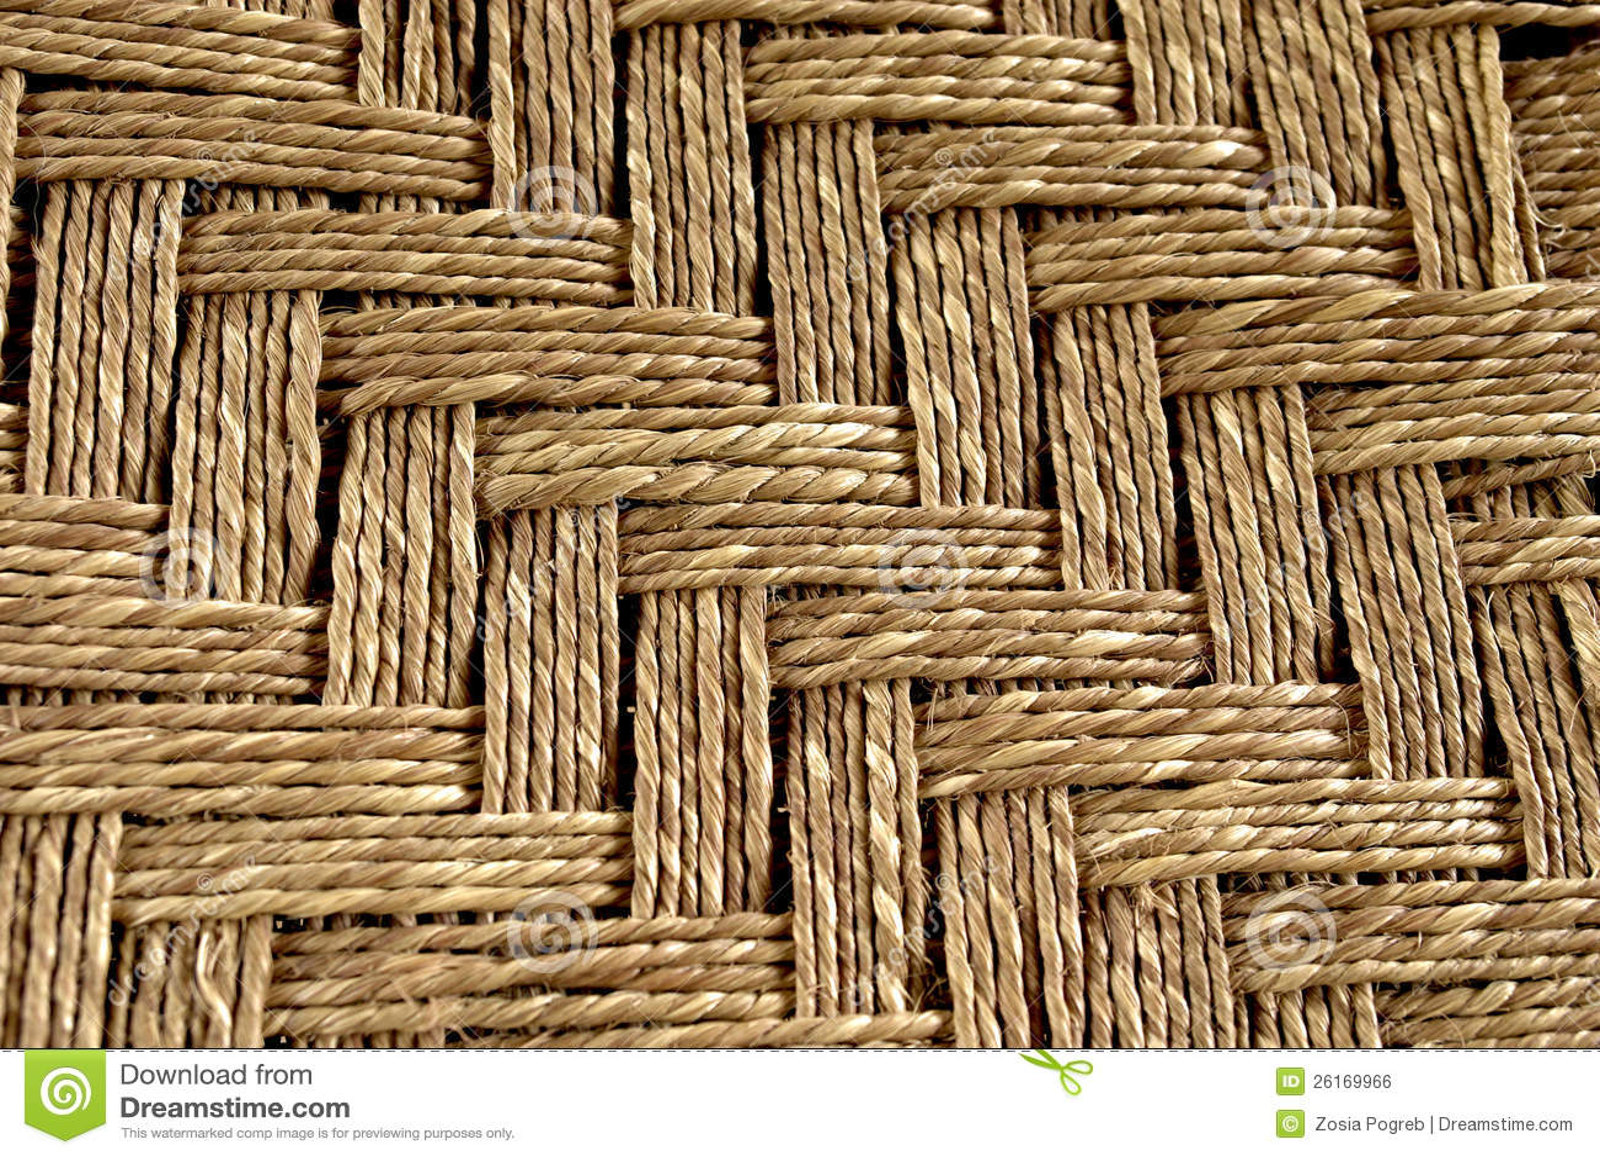 beau couvre tapis tiss de la corde image libre de droits image 26169966. Black Bedroom Furniture Sets. Home Design Ideas